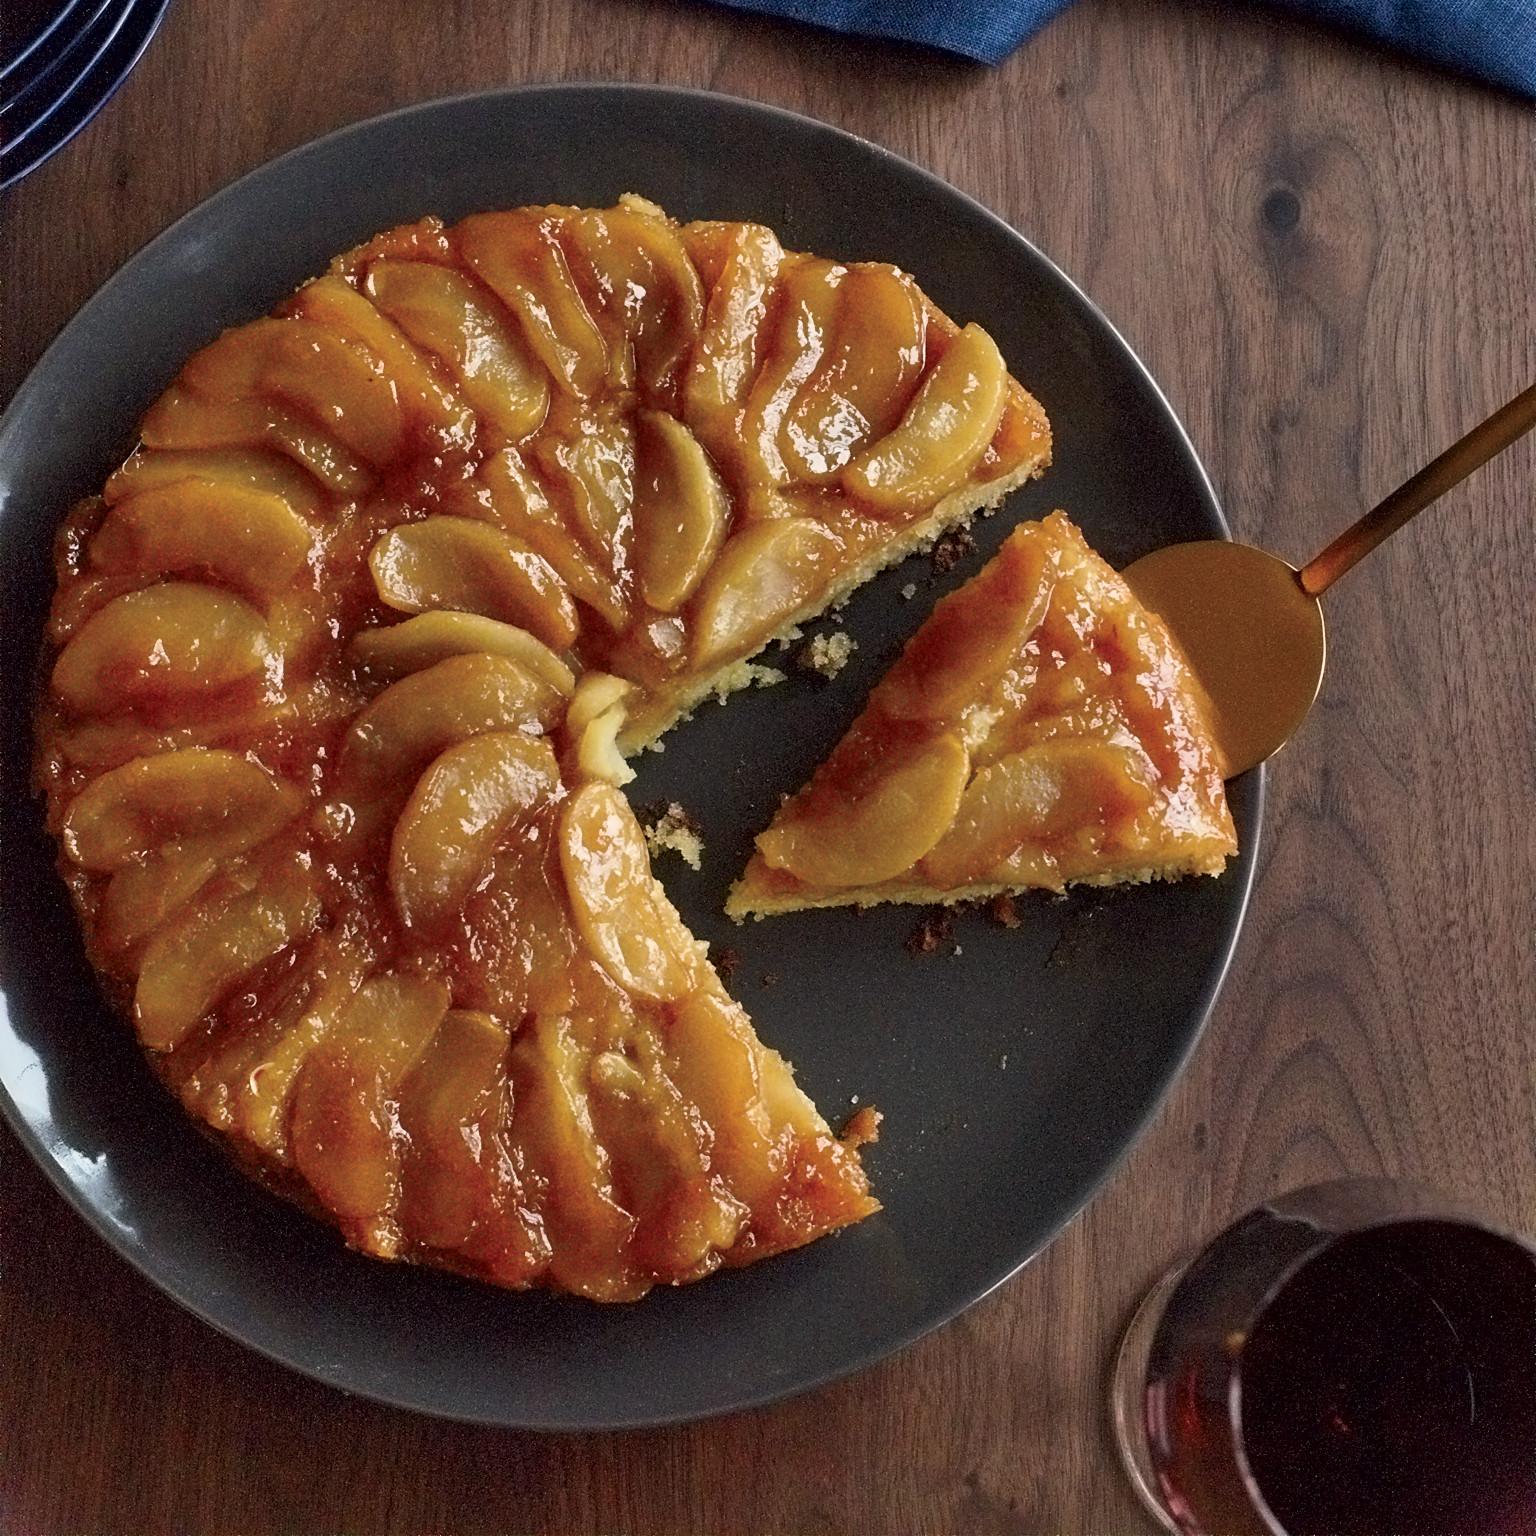 Apple Upside Down Cake  Maple Apple Upside Down Cake Recipe Joanne Chang